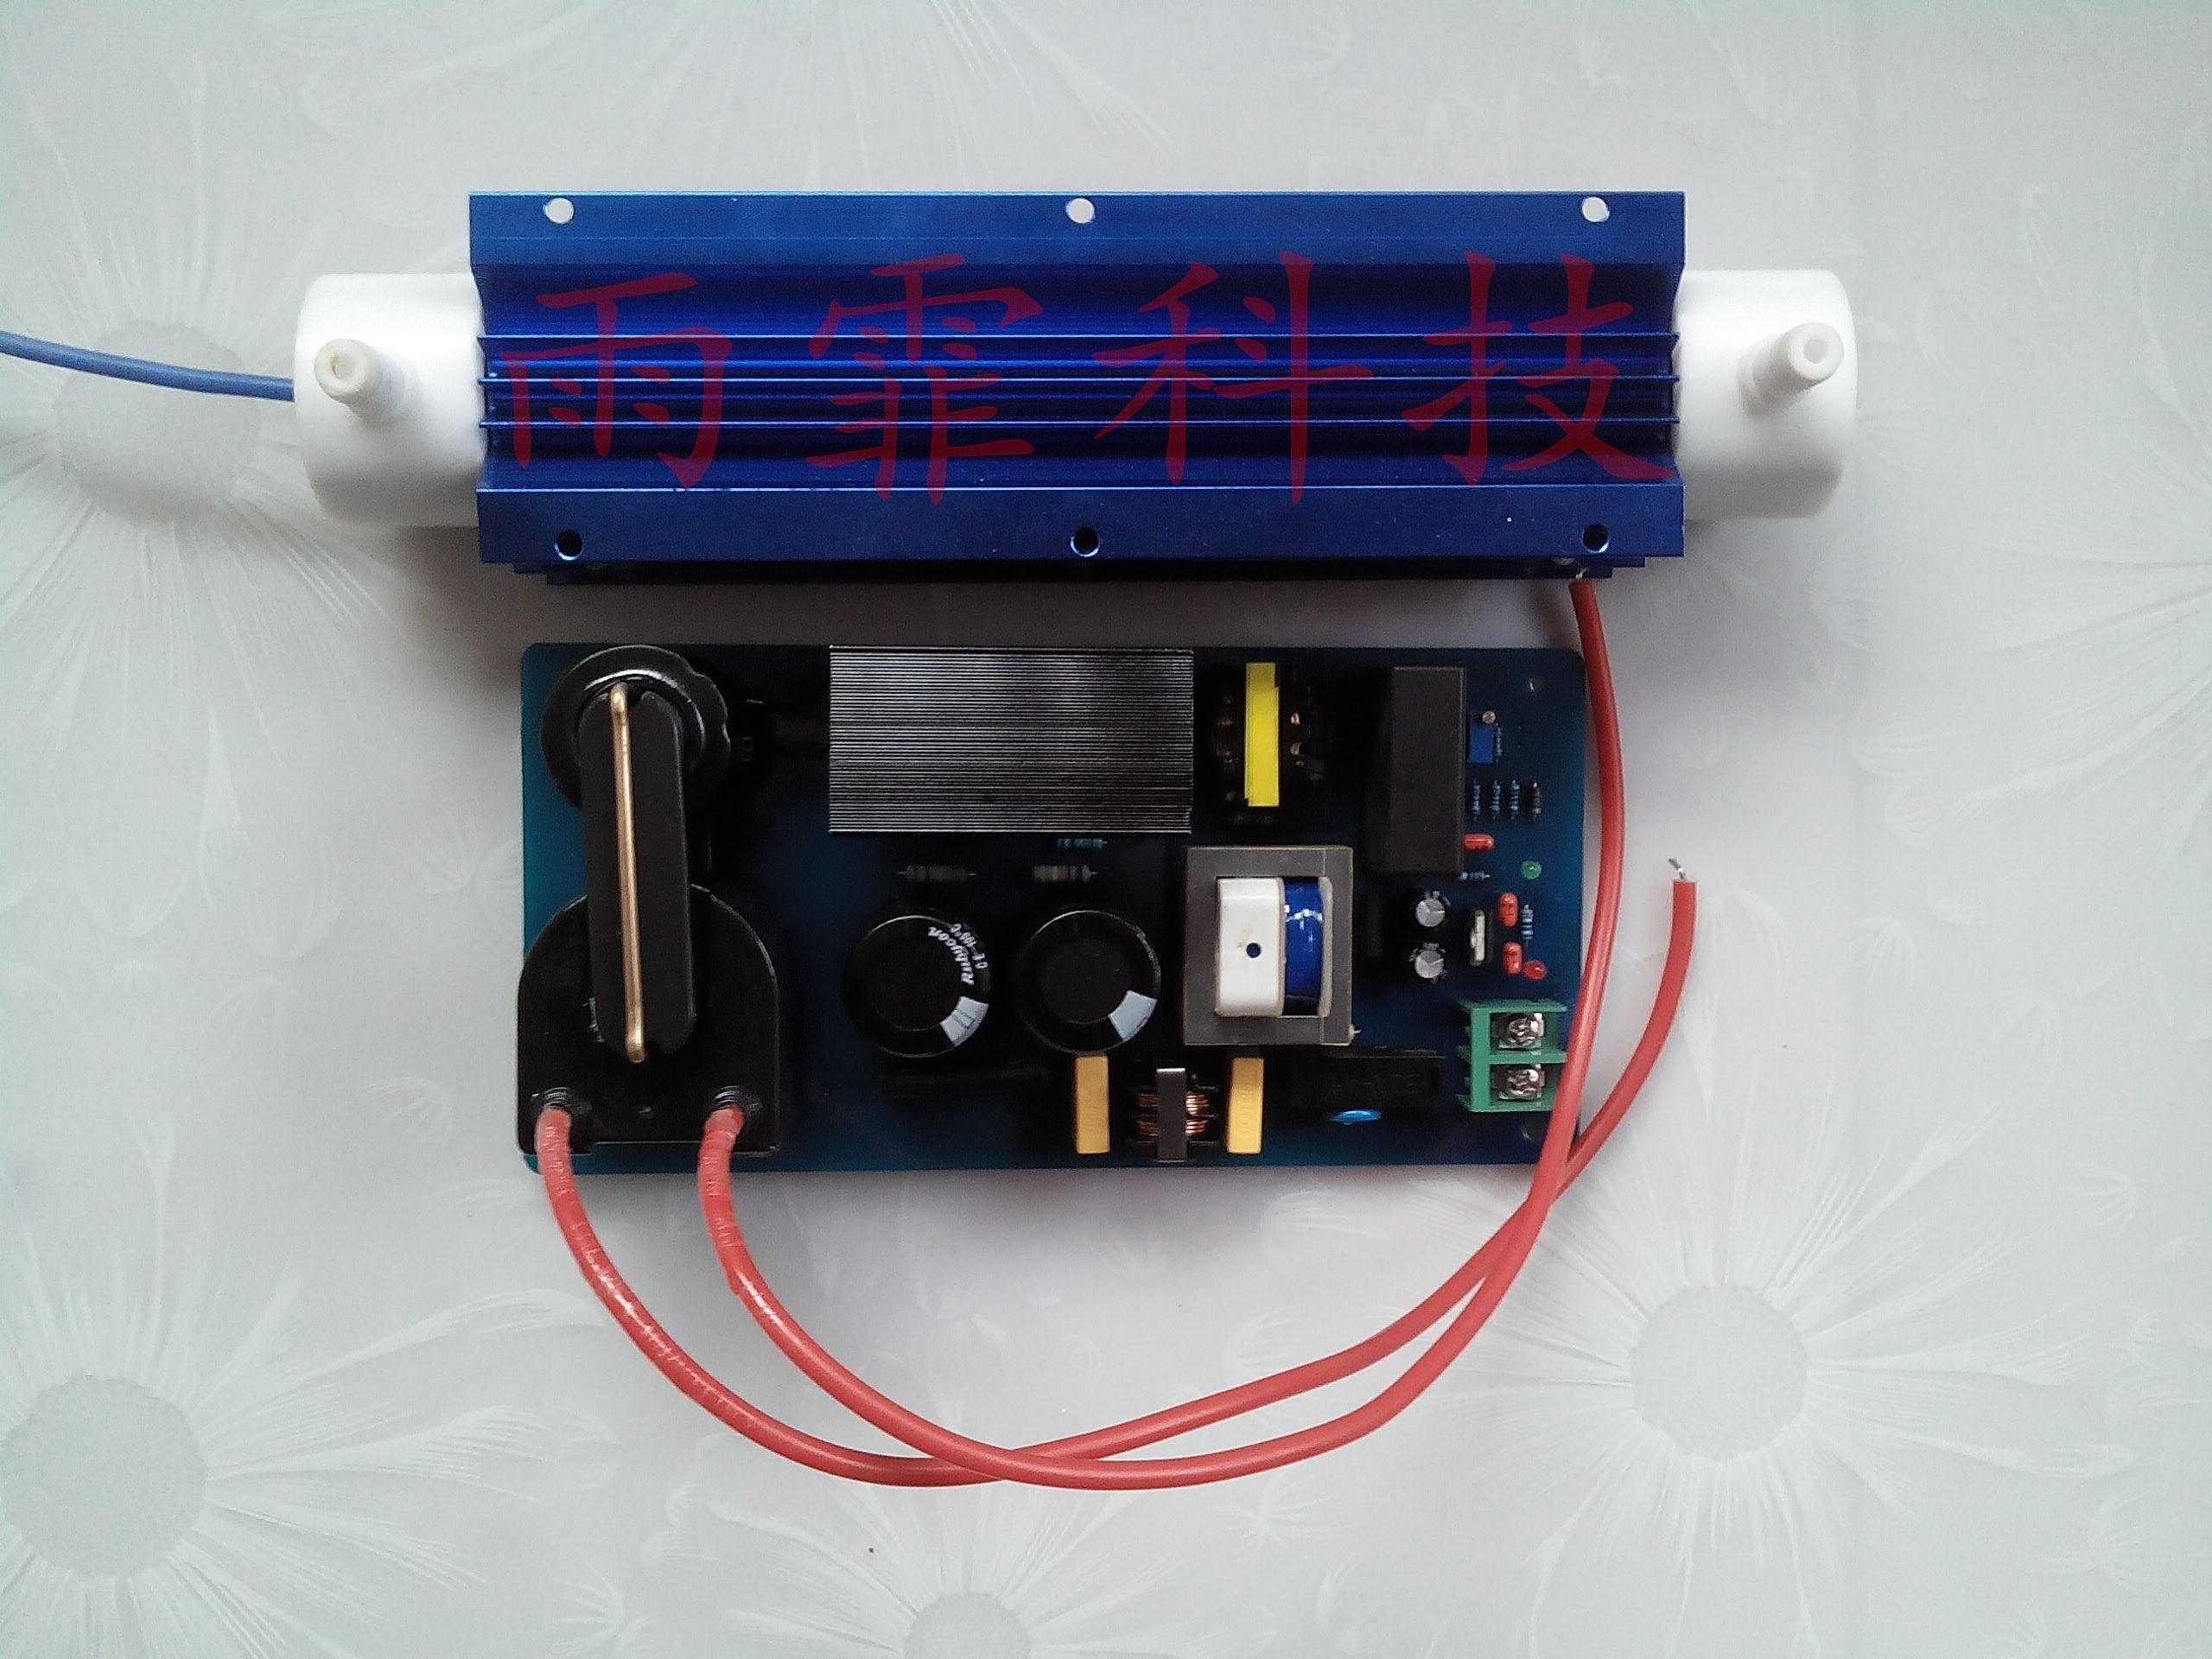 220V10g générateur d'ozone plaque d'alimentation 150 W réglable Protection contre les surintensités et les surtensions accessoires de Machine à l'ozone